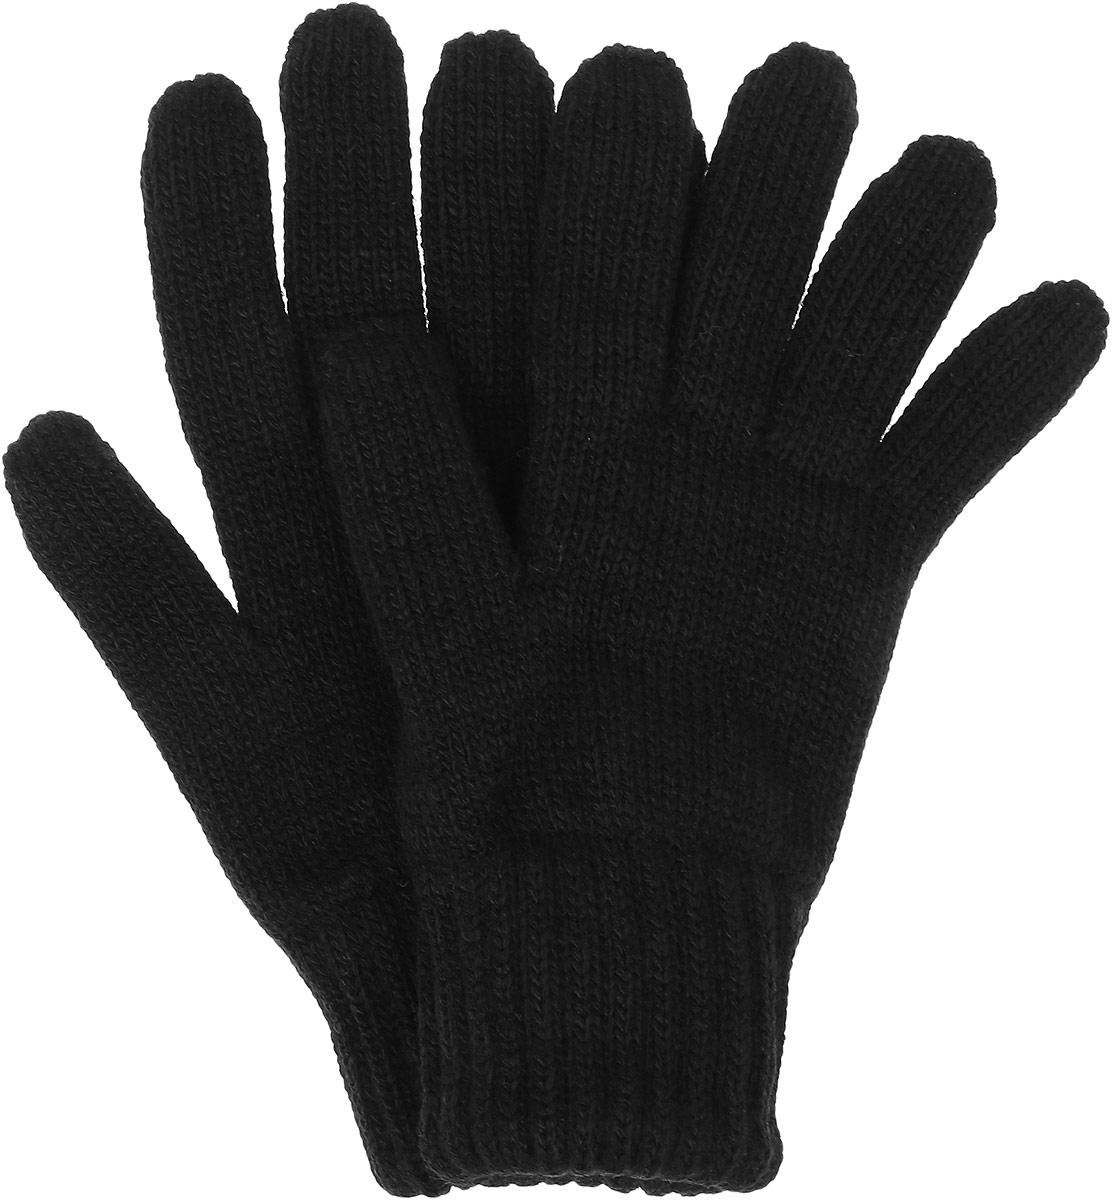 Перчатки детскиеP762-22Перчатки Margot Bis выполнены из акрила с добавлением теплой шерсти. Изделие оформлено оригинальным вязаным рисунком. Перчатки очень мягкие и приятные на ощупь, не раздражают кожу и хорошо сохраняют тепло. Верх модели на мягкой резинке, которая не стягивает запястья и надежно фиксирует перчатки на руках.